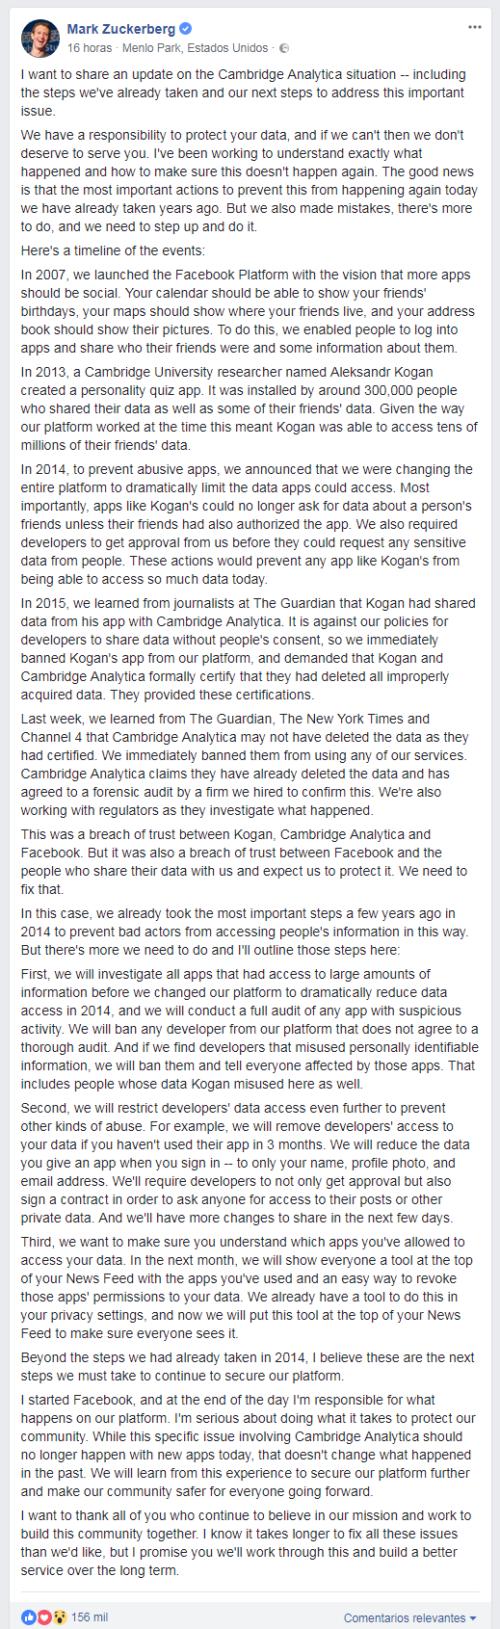 Explicación de la filtración de los datos de Facebook por Mark Zuckerberg